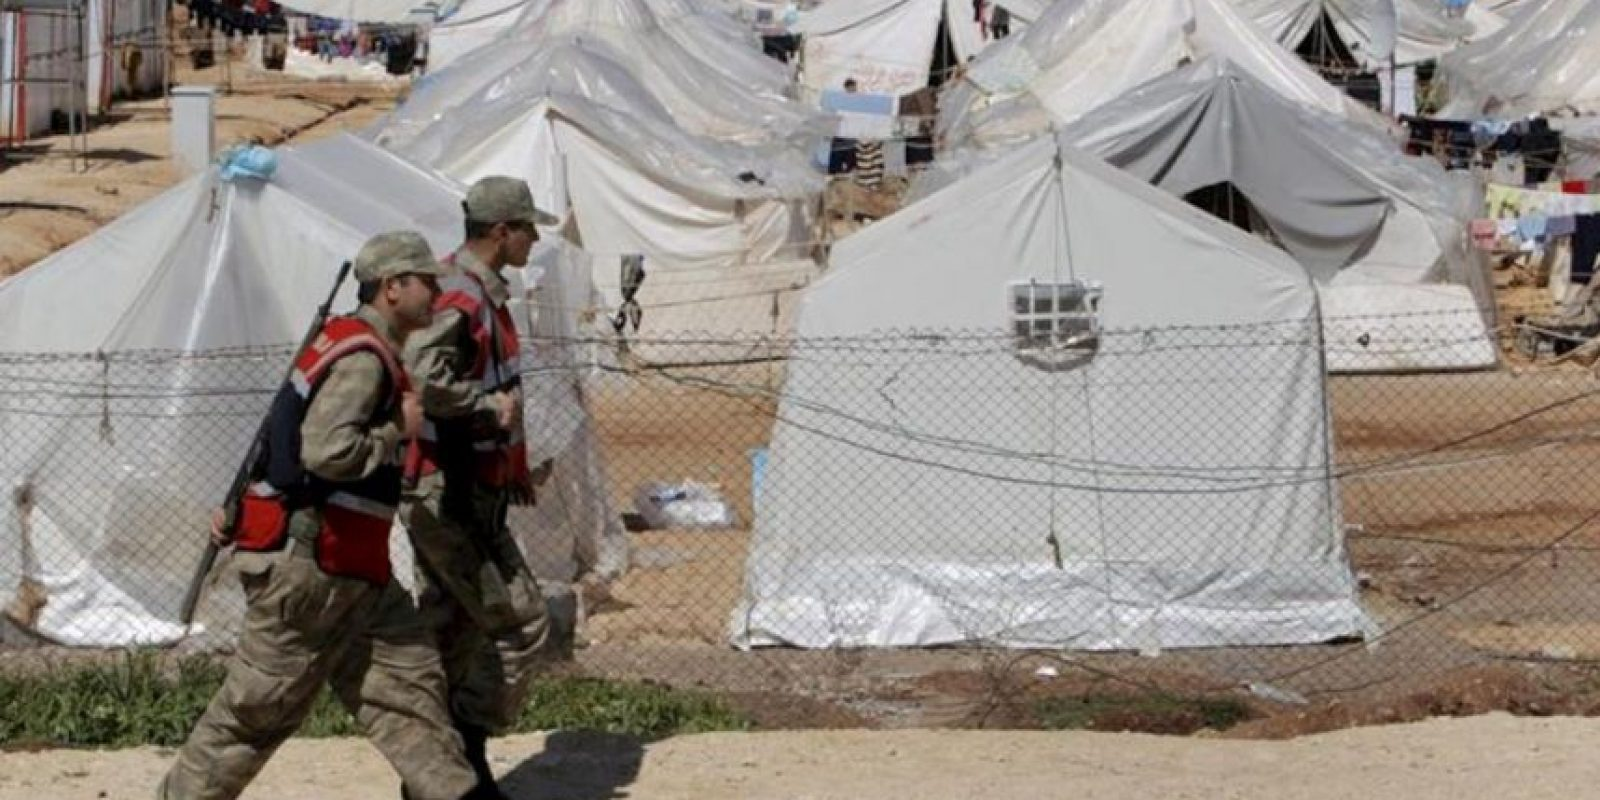 Soldados turcos hacen guardia en el campamento de Reyhanli, en Antakya, en el que miles de sirios se refugian de la situación en su país. EFE/Archivo